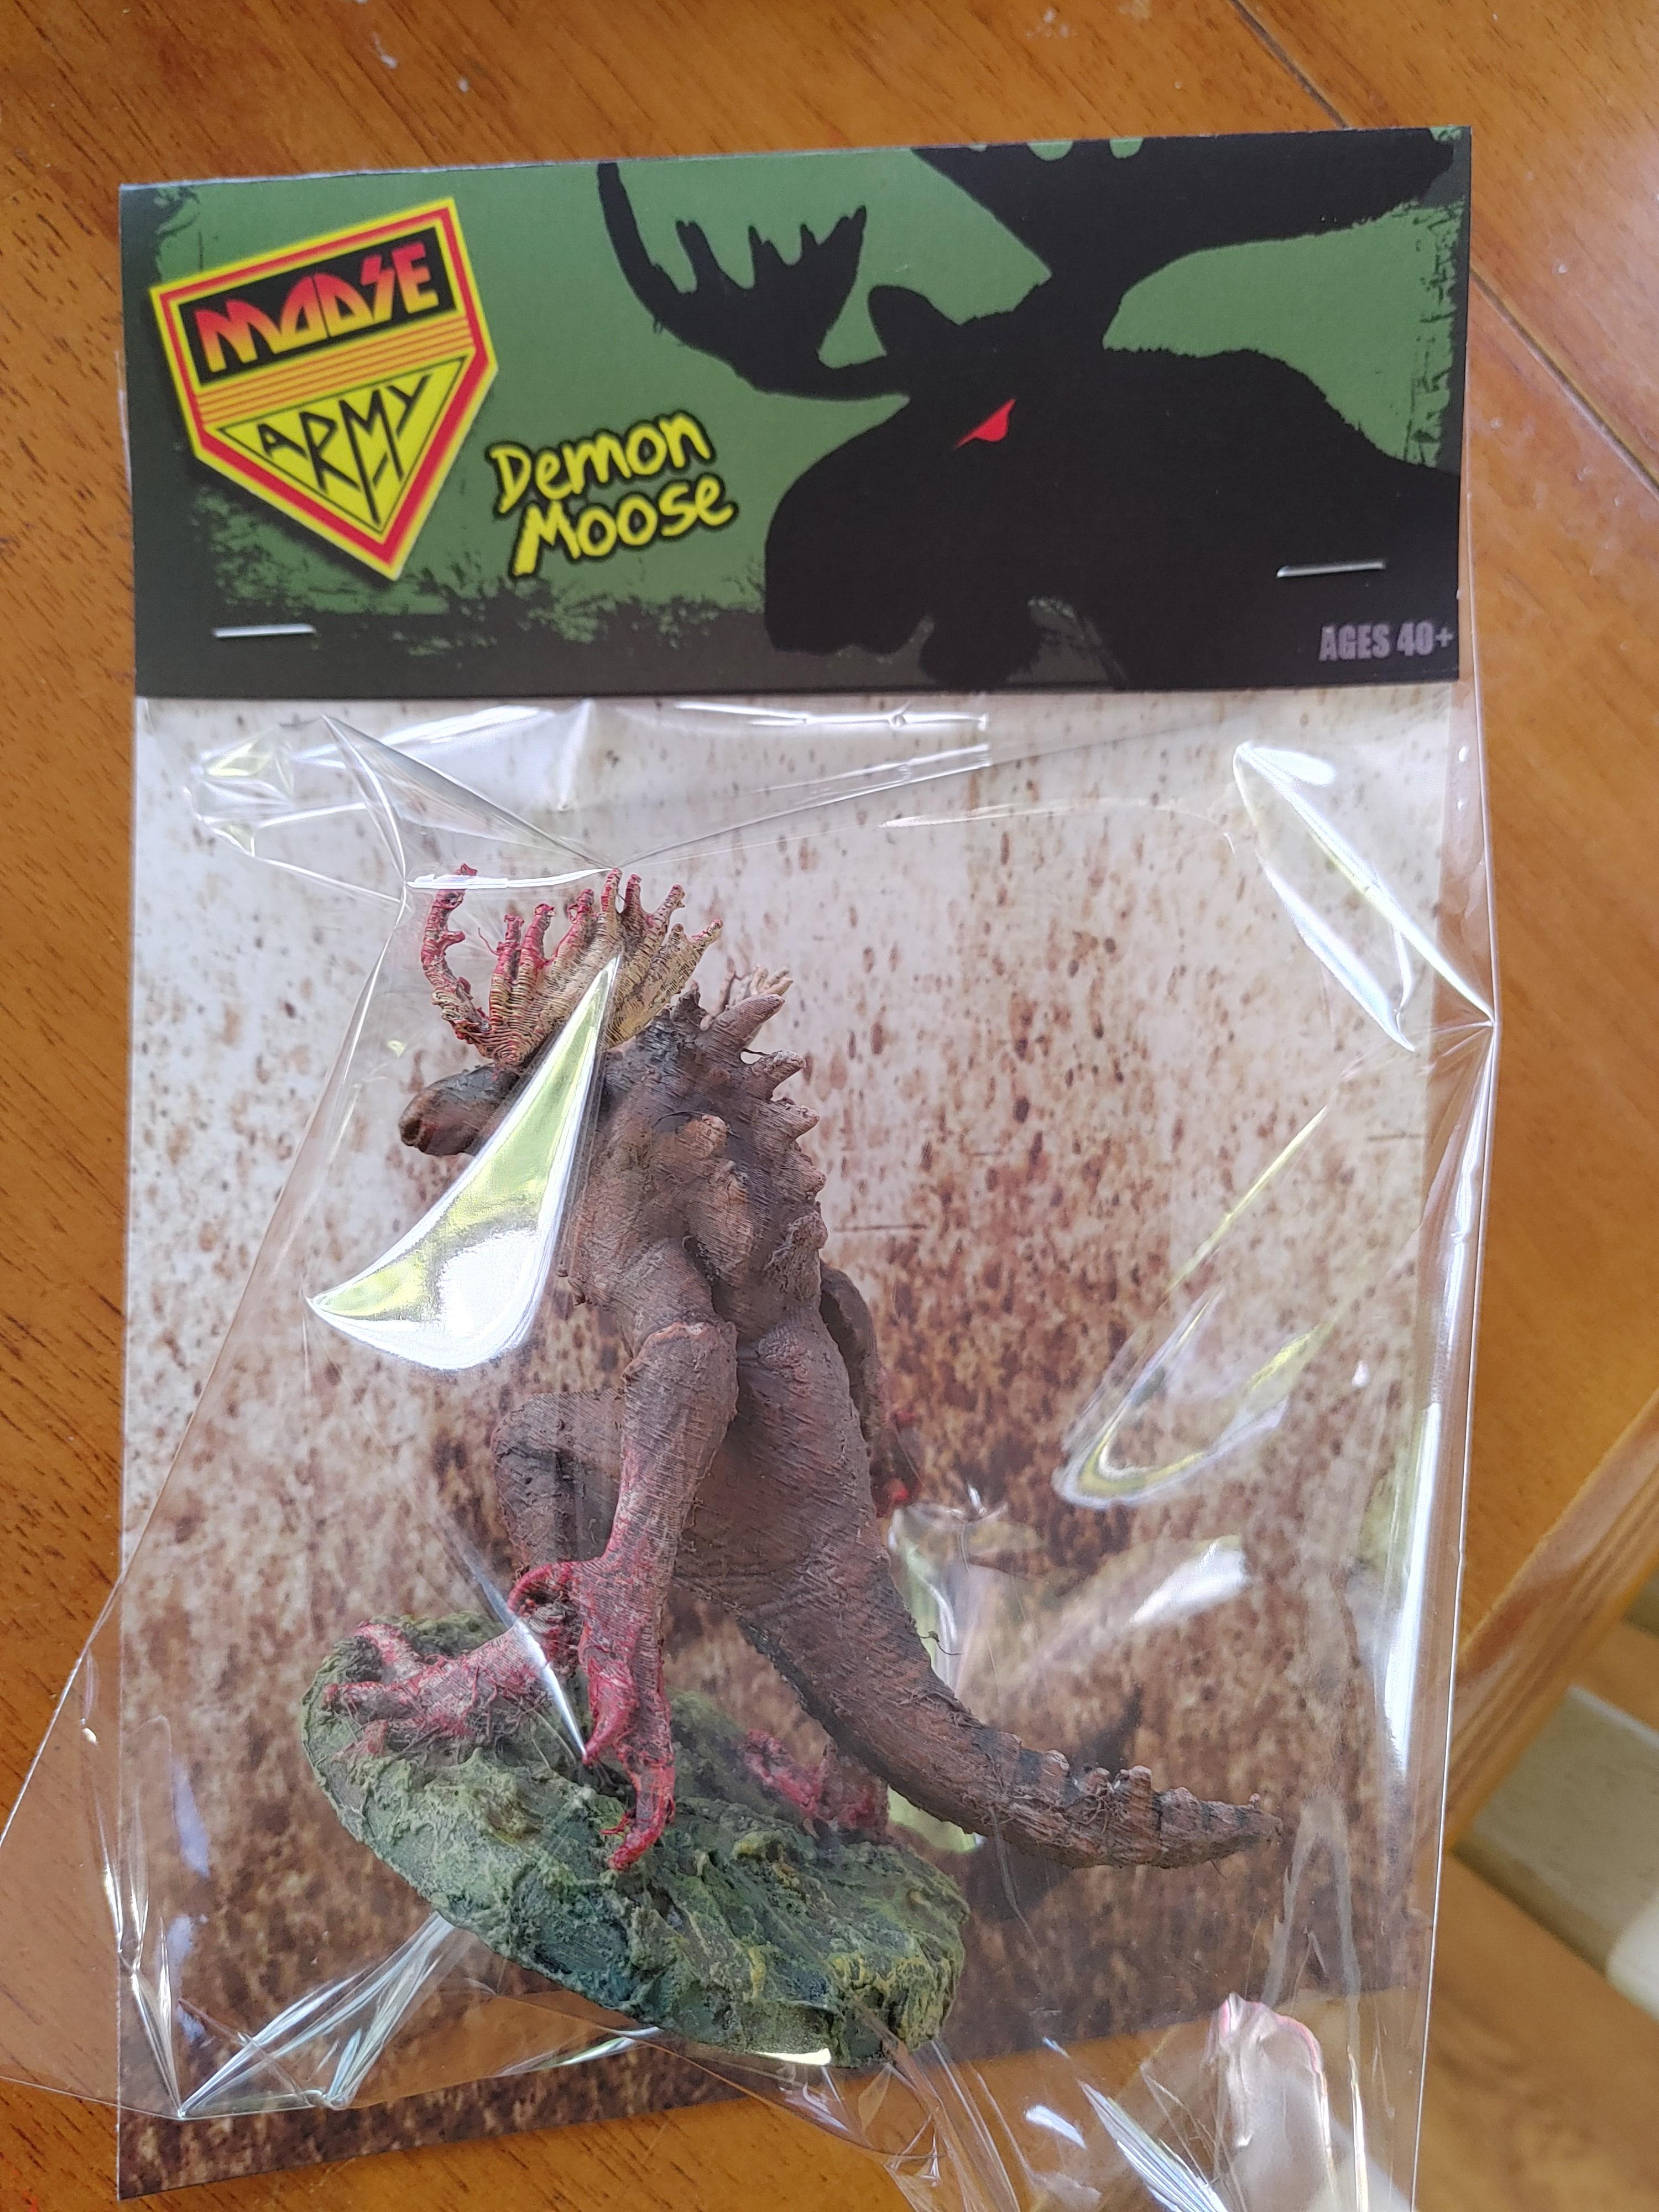 Demon_moose+packaging